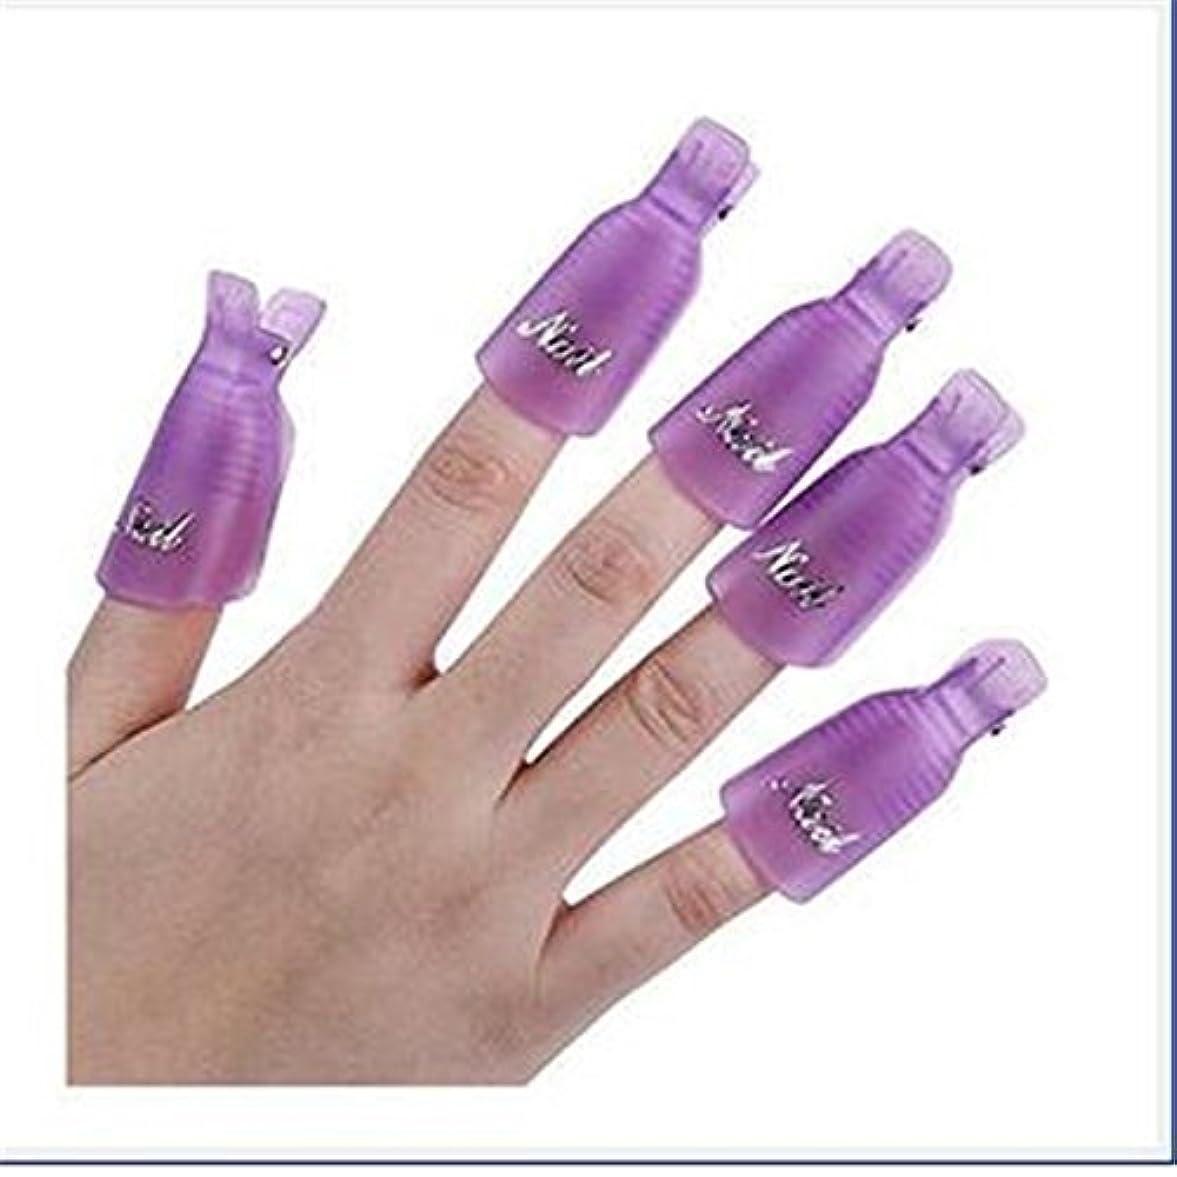 復活するカテゴリー配置アクリル樹脂爪10が冷却され、取り外し可能なクリップキャップUVポリッシュリムーバージェルは、紫色のパッケージを包ん